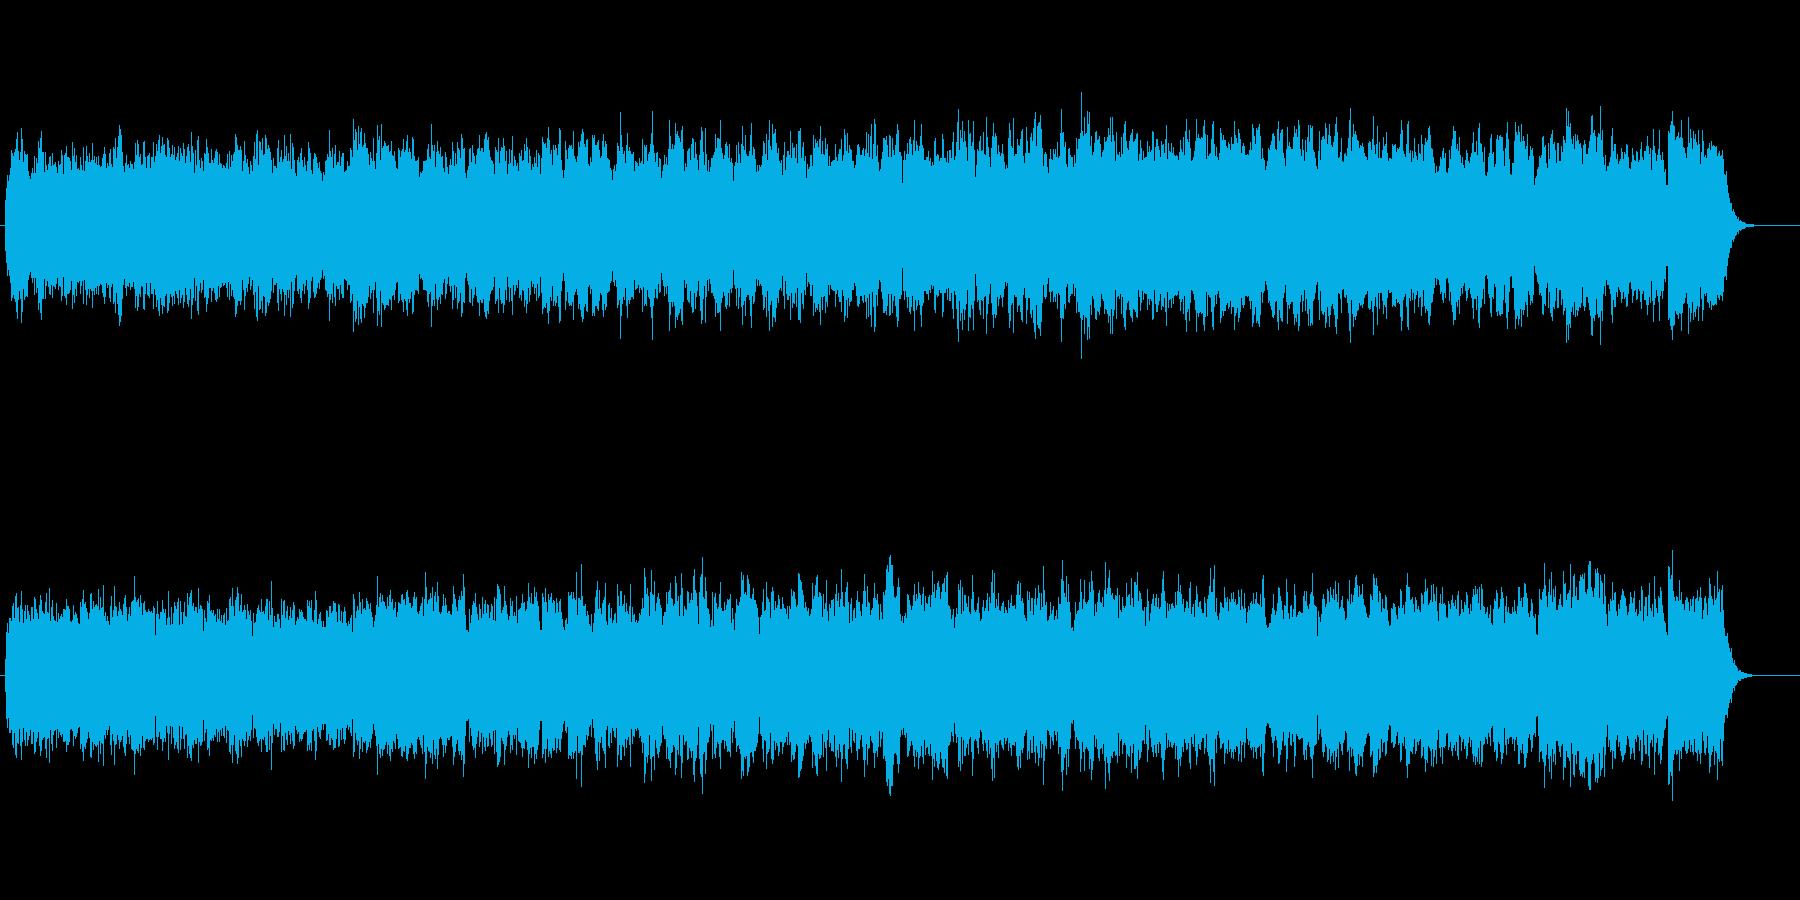 エオリアンハープの再生済みの波形